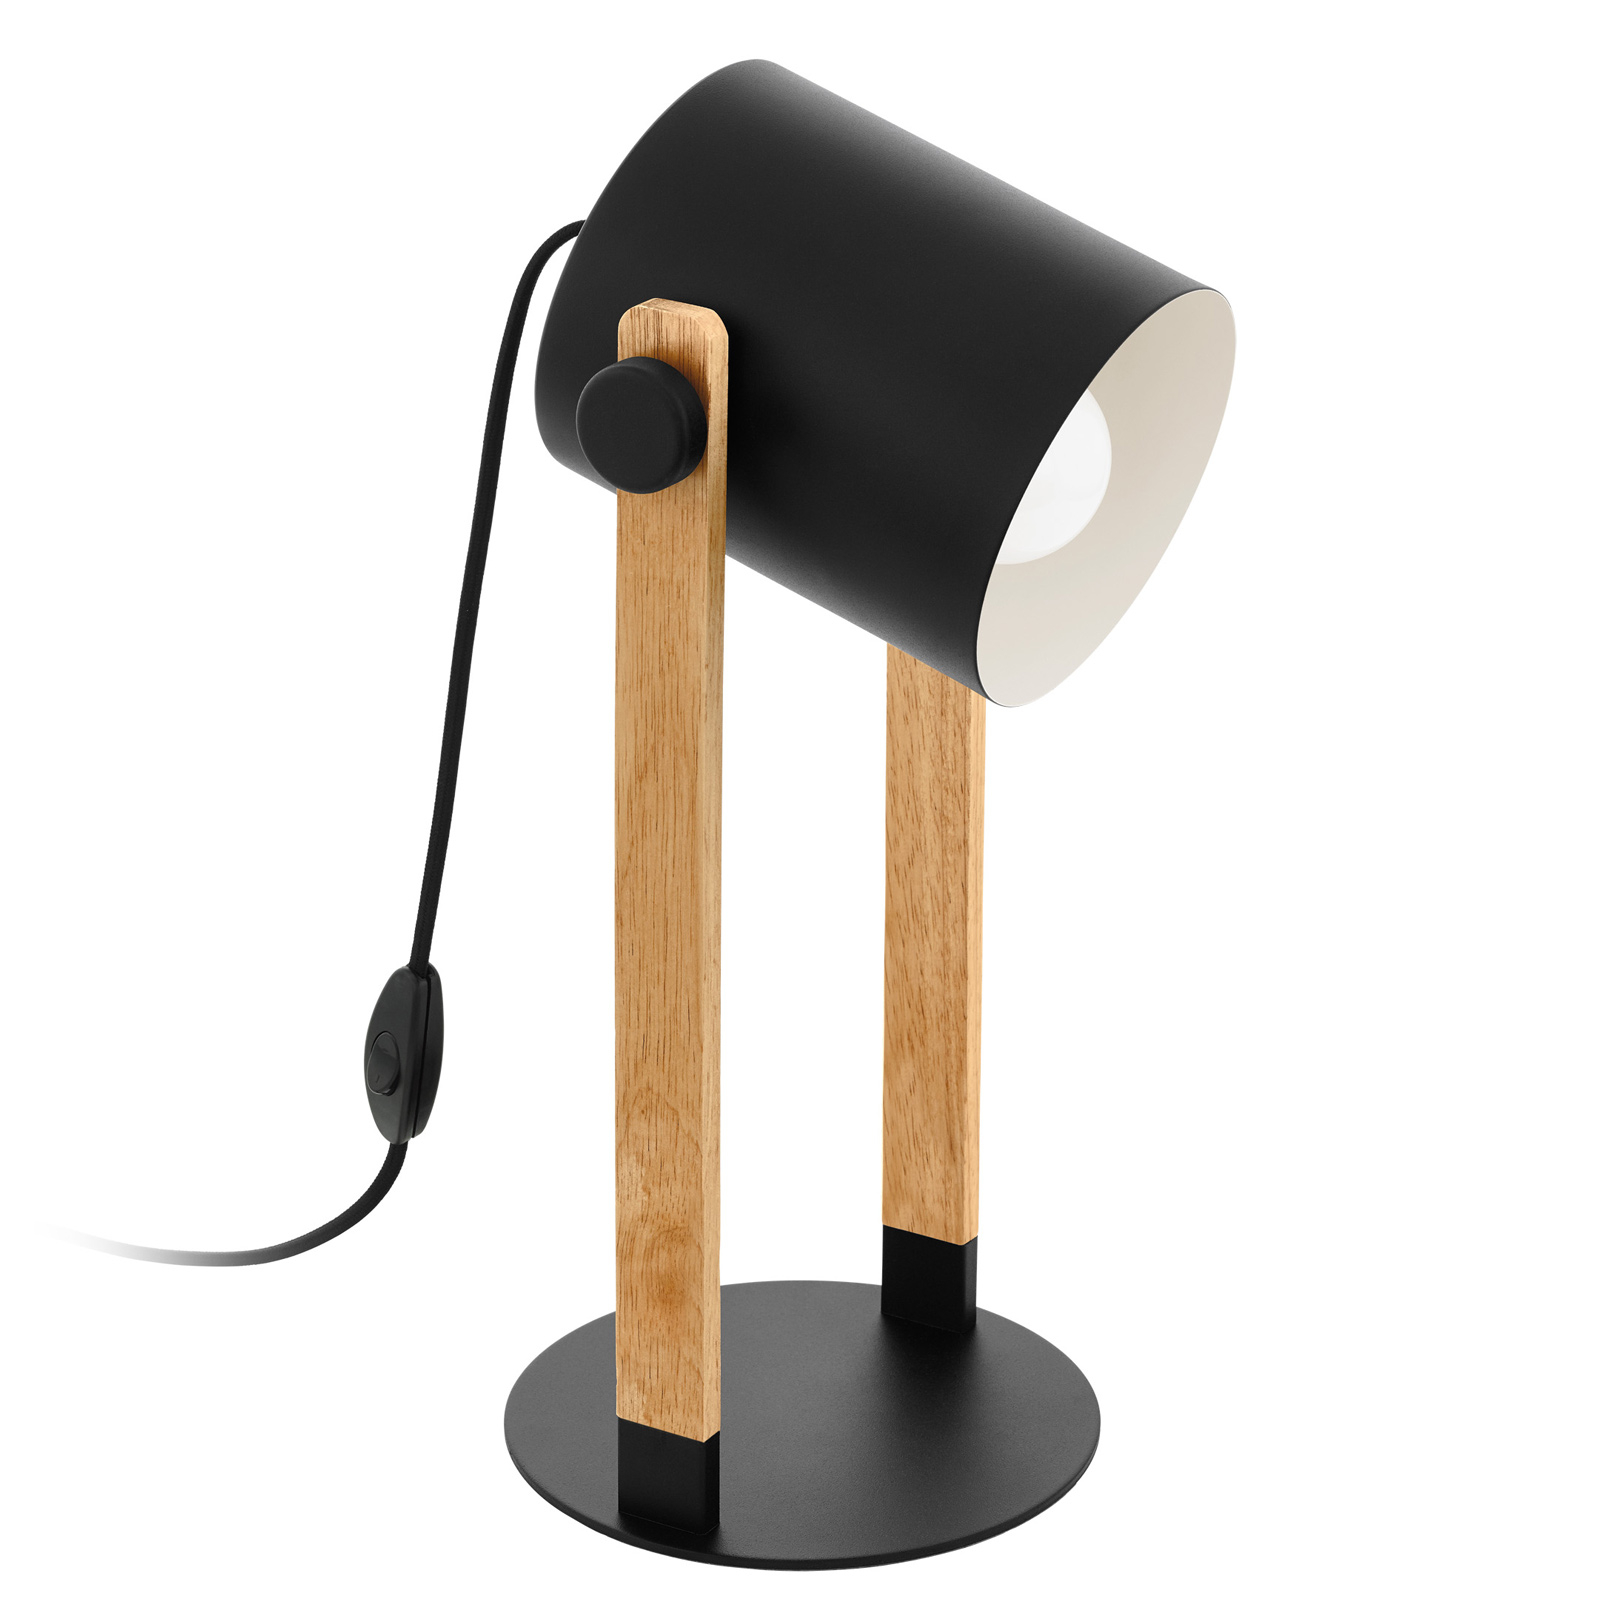 Lampa stołowa Hornwood z detalami drewnianymi